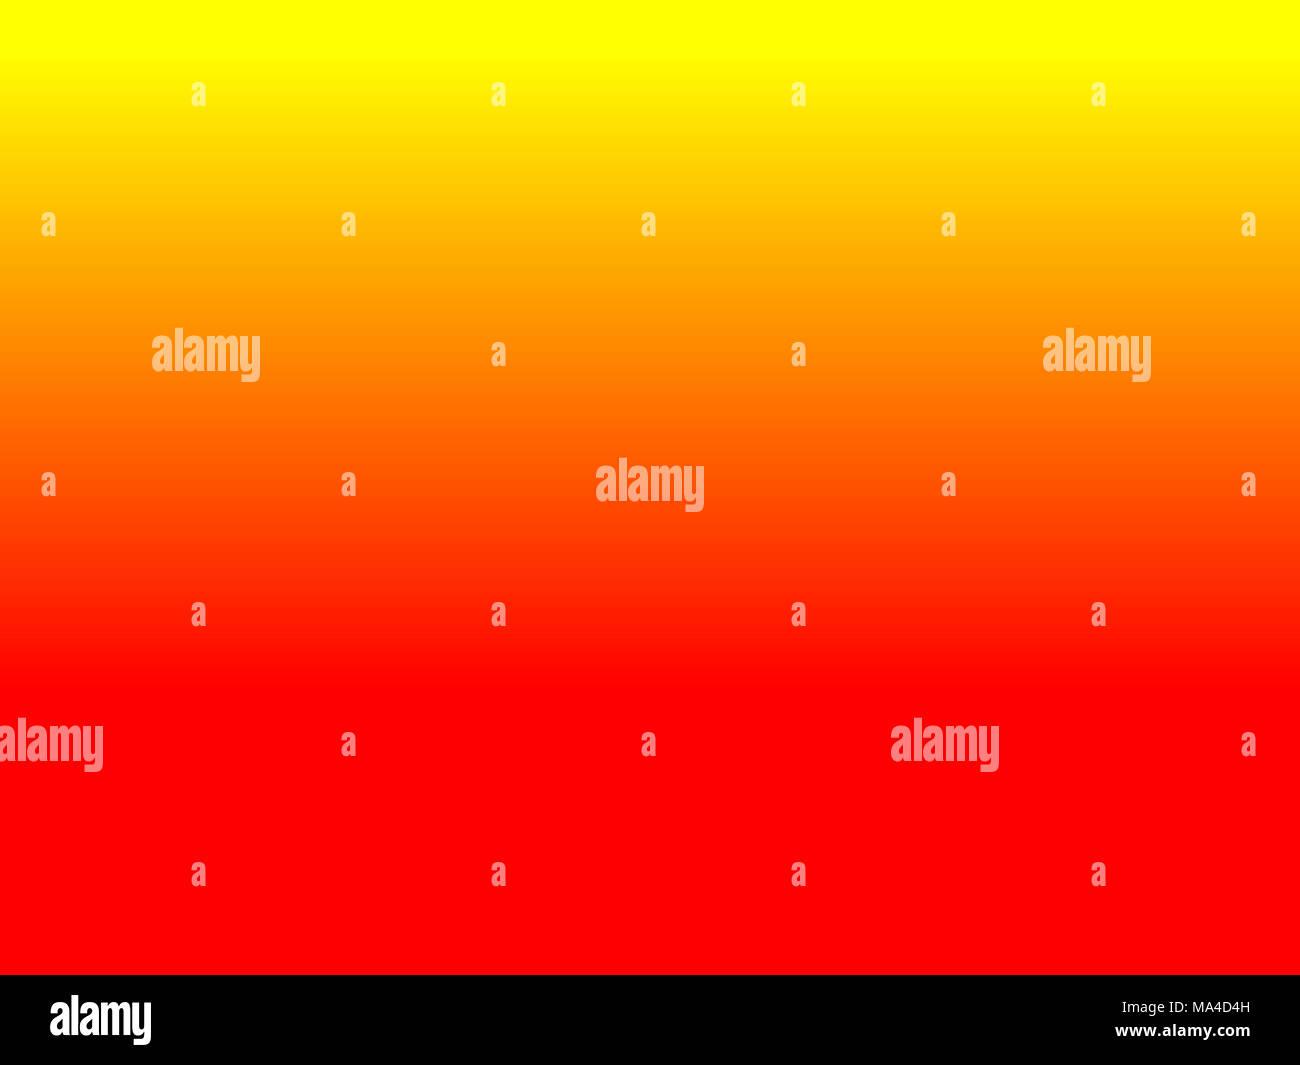 Abstract Pubblicità Gradiente Dello Sfondo Rosso E Giallo Modello Di